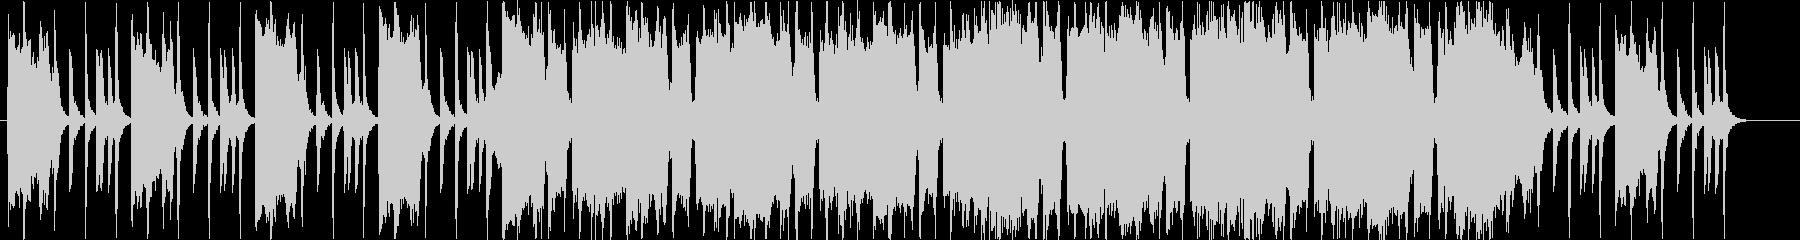 インディーロック・入場・バトル・クラップの未再生の波形